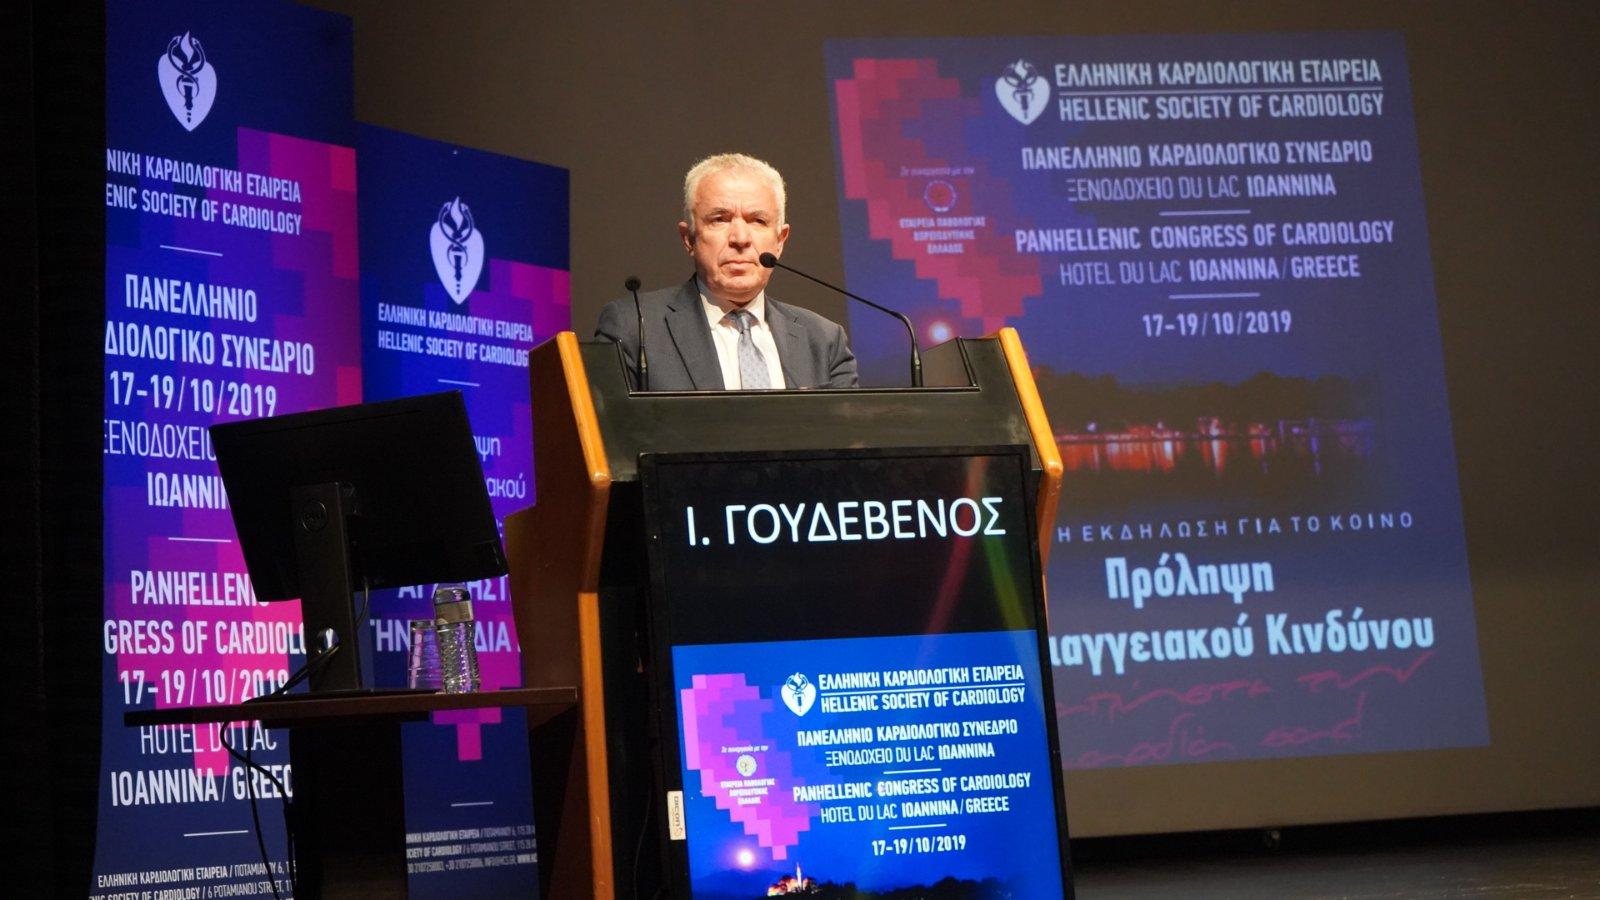 Ιωάννινα:Πλήθος κόσμου στην  ενημερωτική εκδήλωση της Ελληνικής Καρδιολογικής Εταιρείας